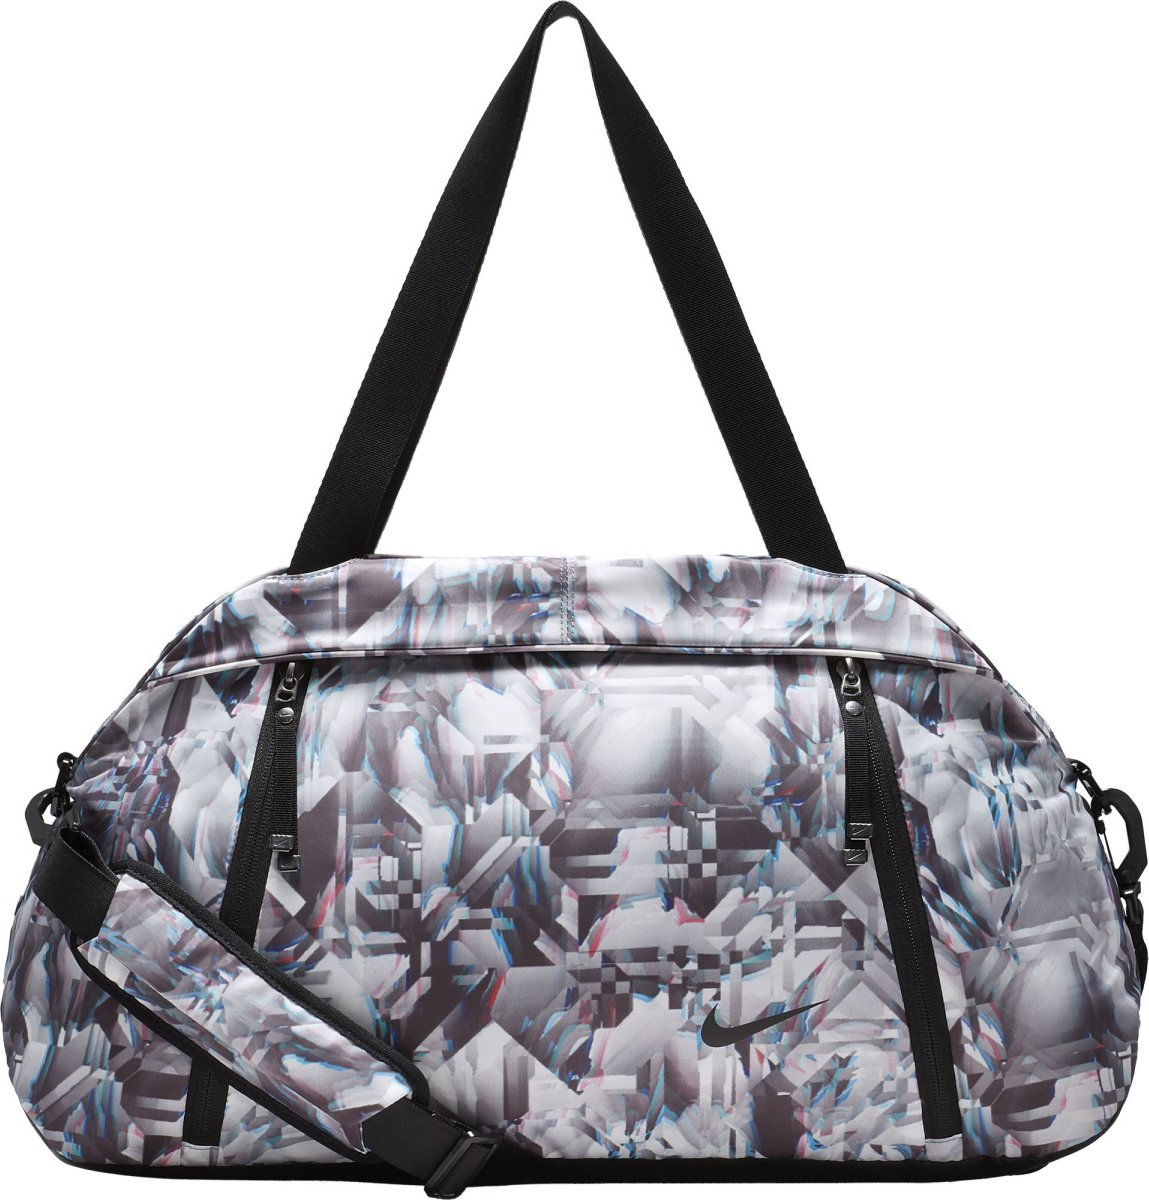 Sportovní tašky NIKE • Zboží.cz ced21a36a5